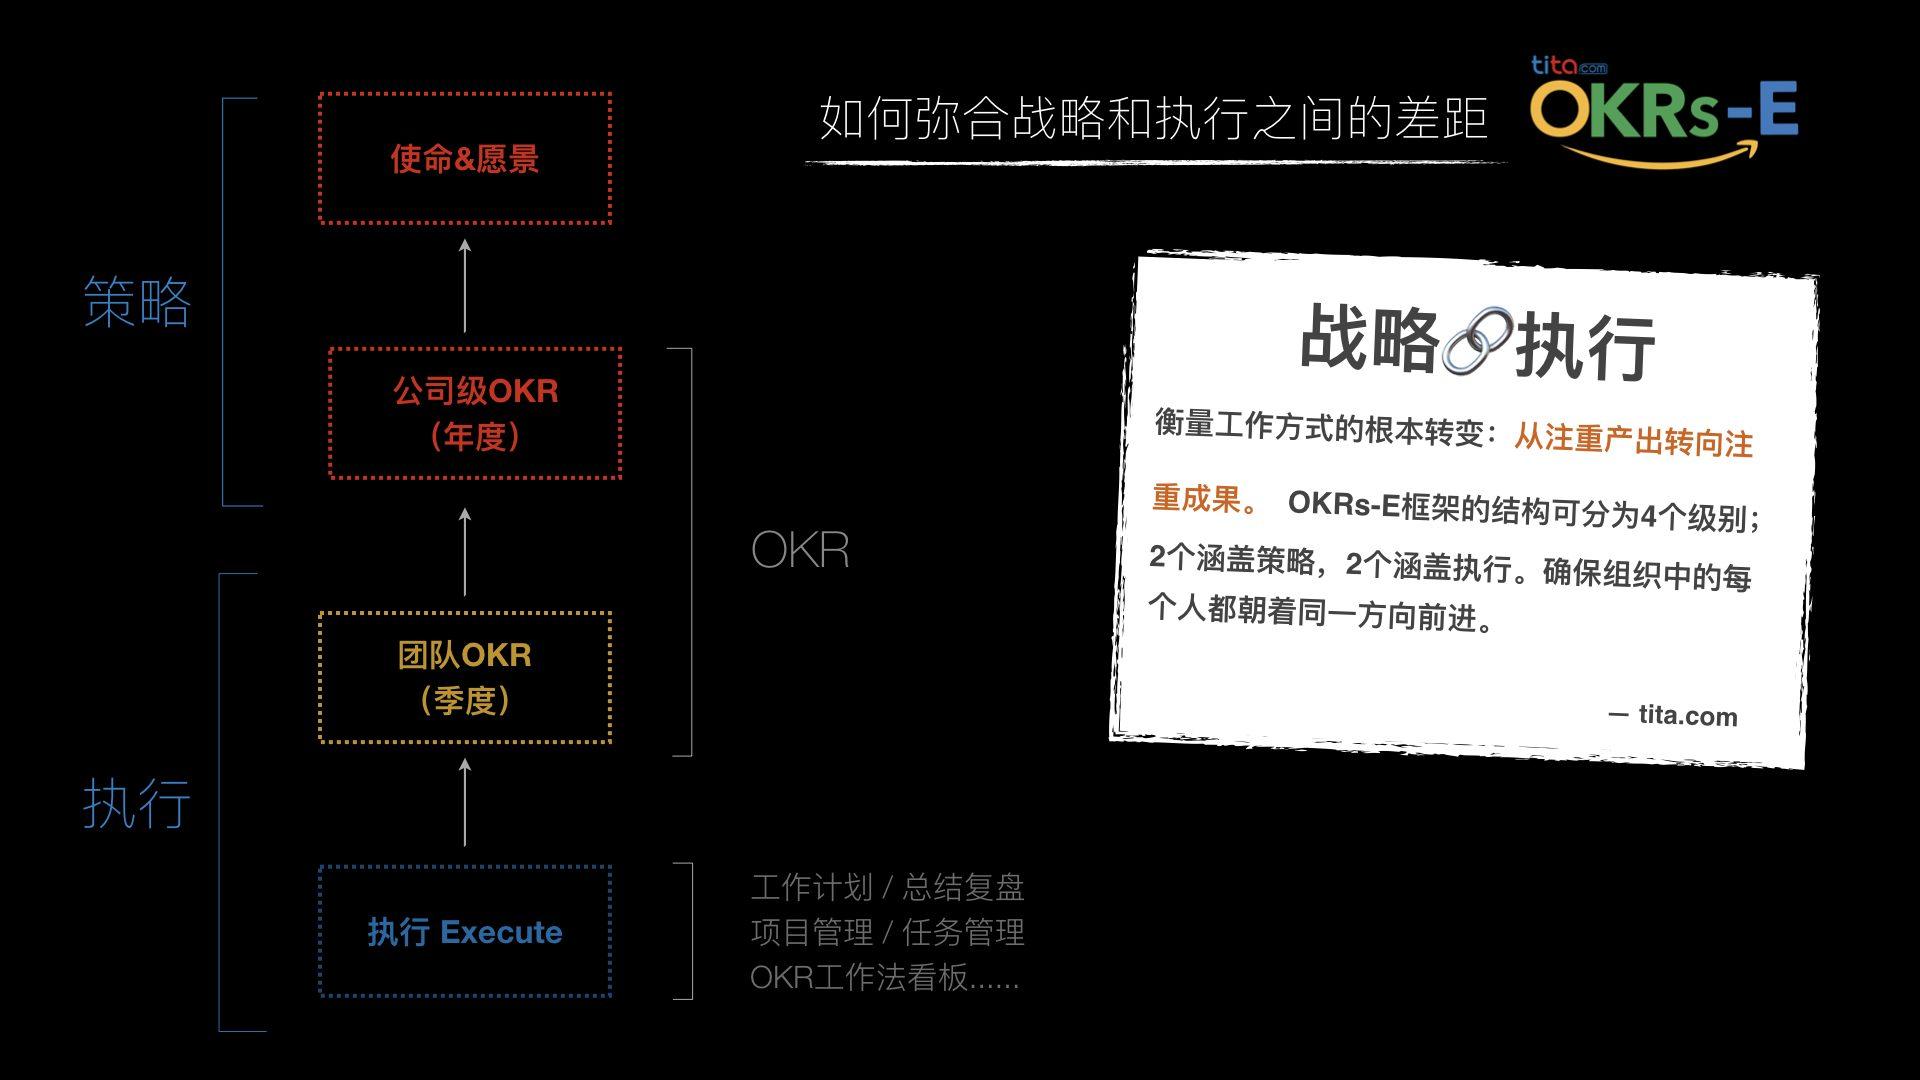 OKR目标管理:从注重产出转向专注成果(图片来源:tita.com)